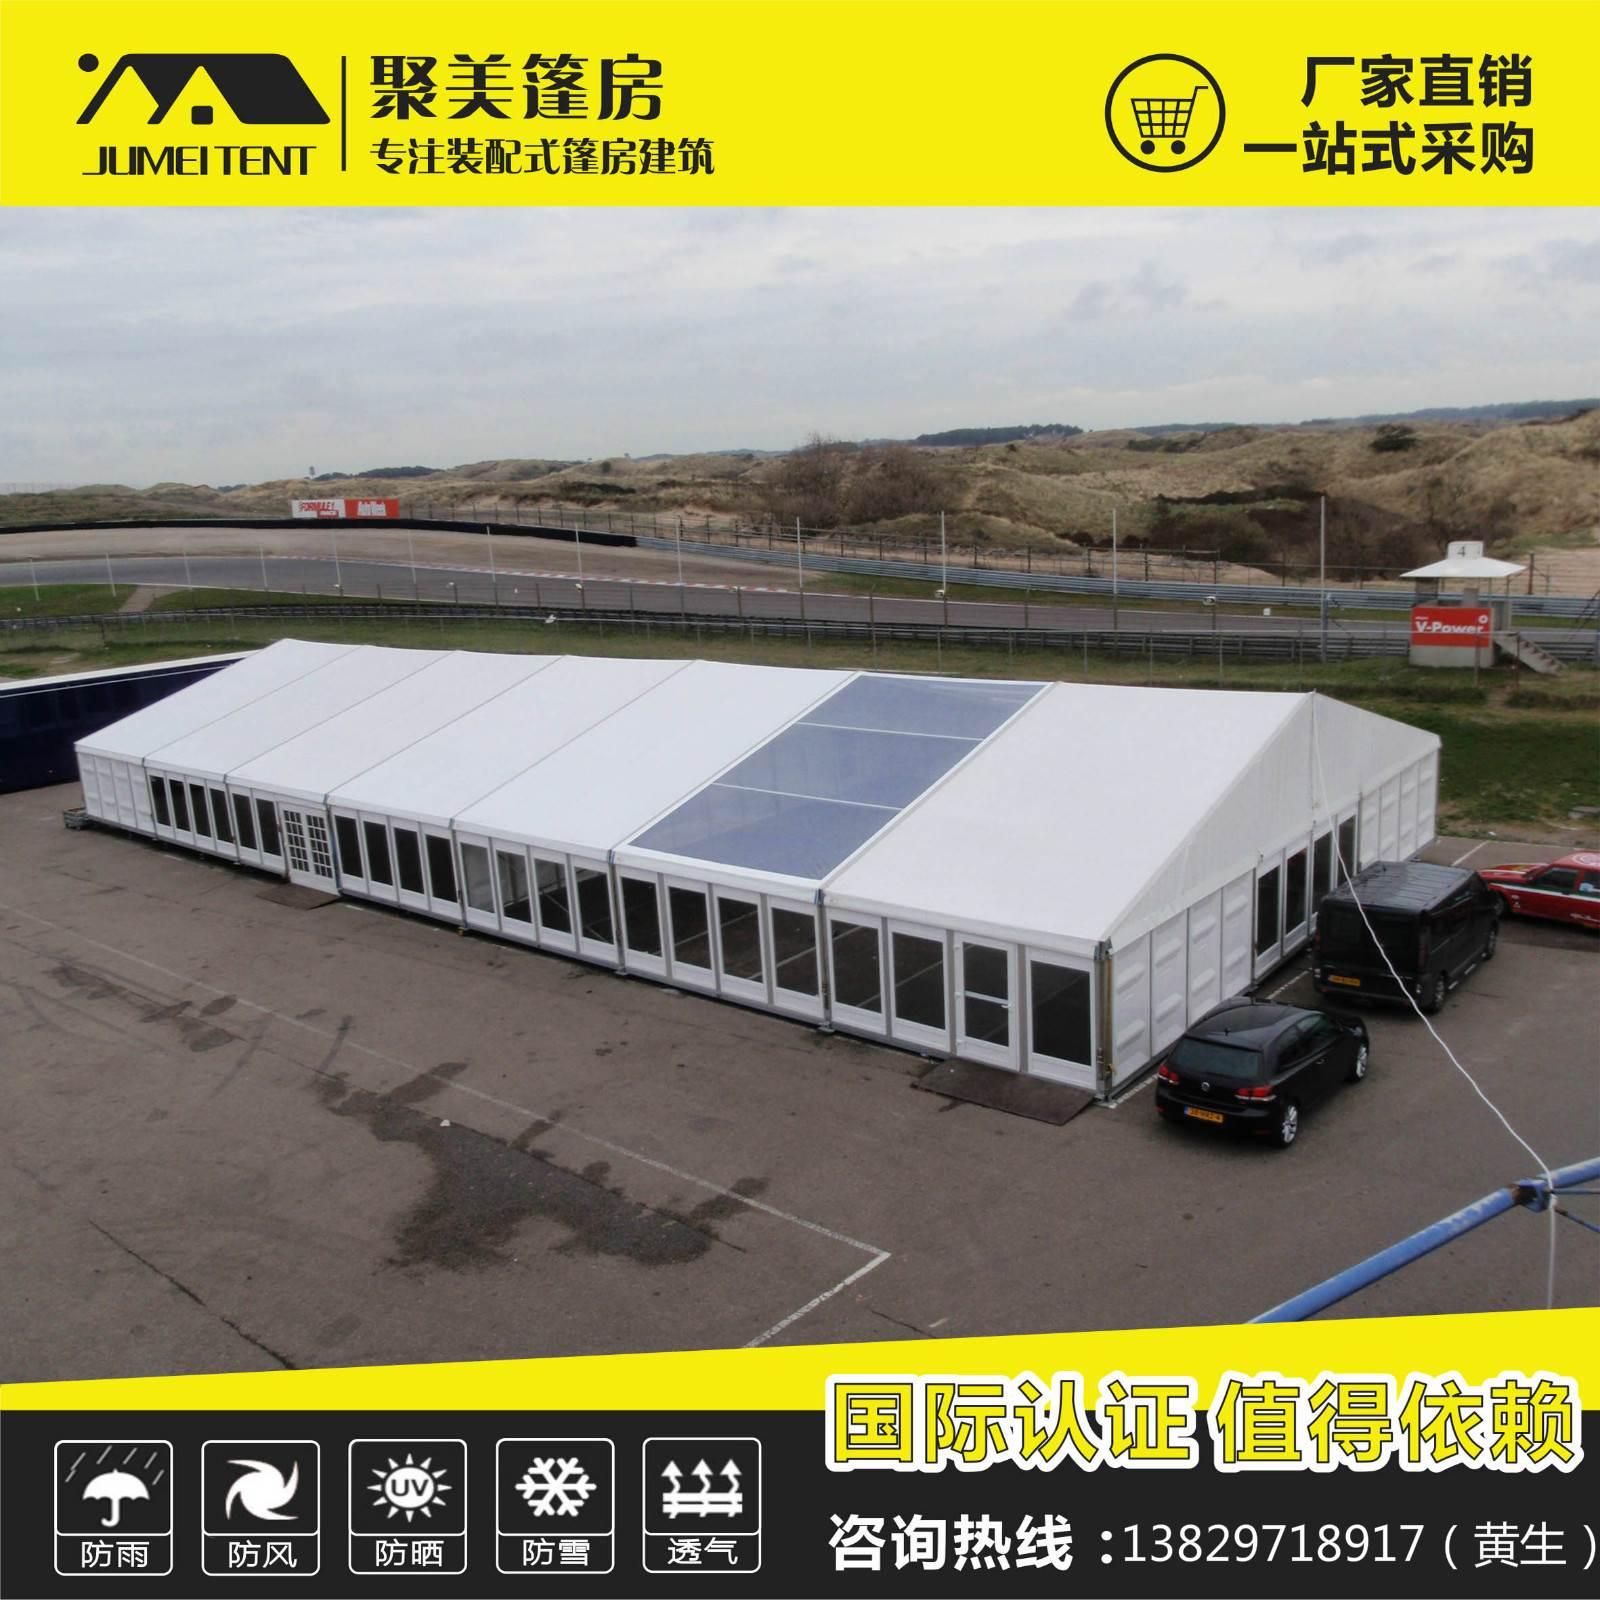 双层铝合金篷房 星空球形篷房 景区酒店帐篷 活动篷房